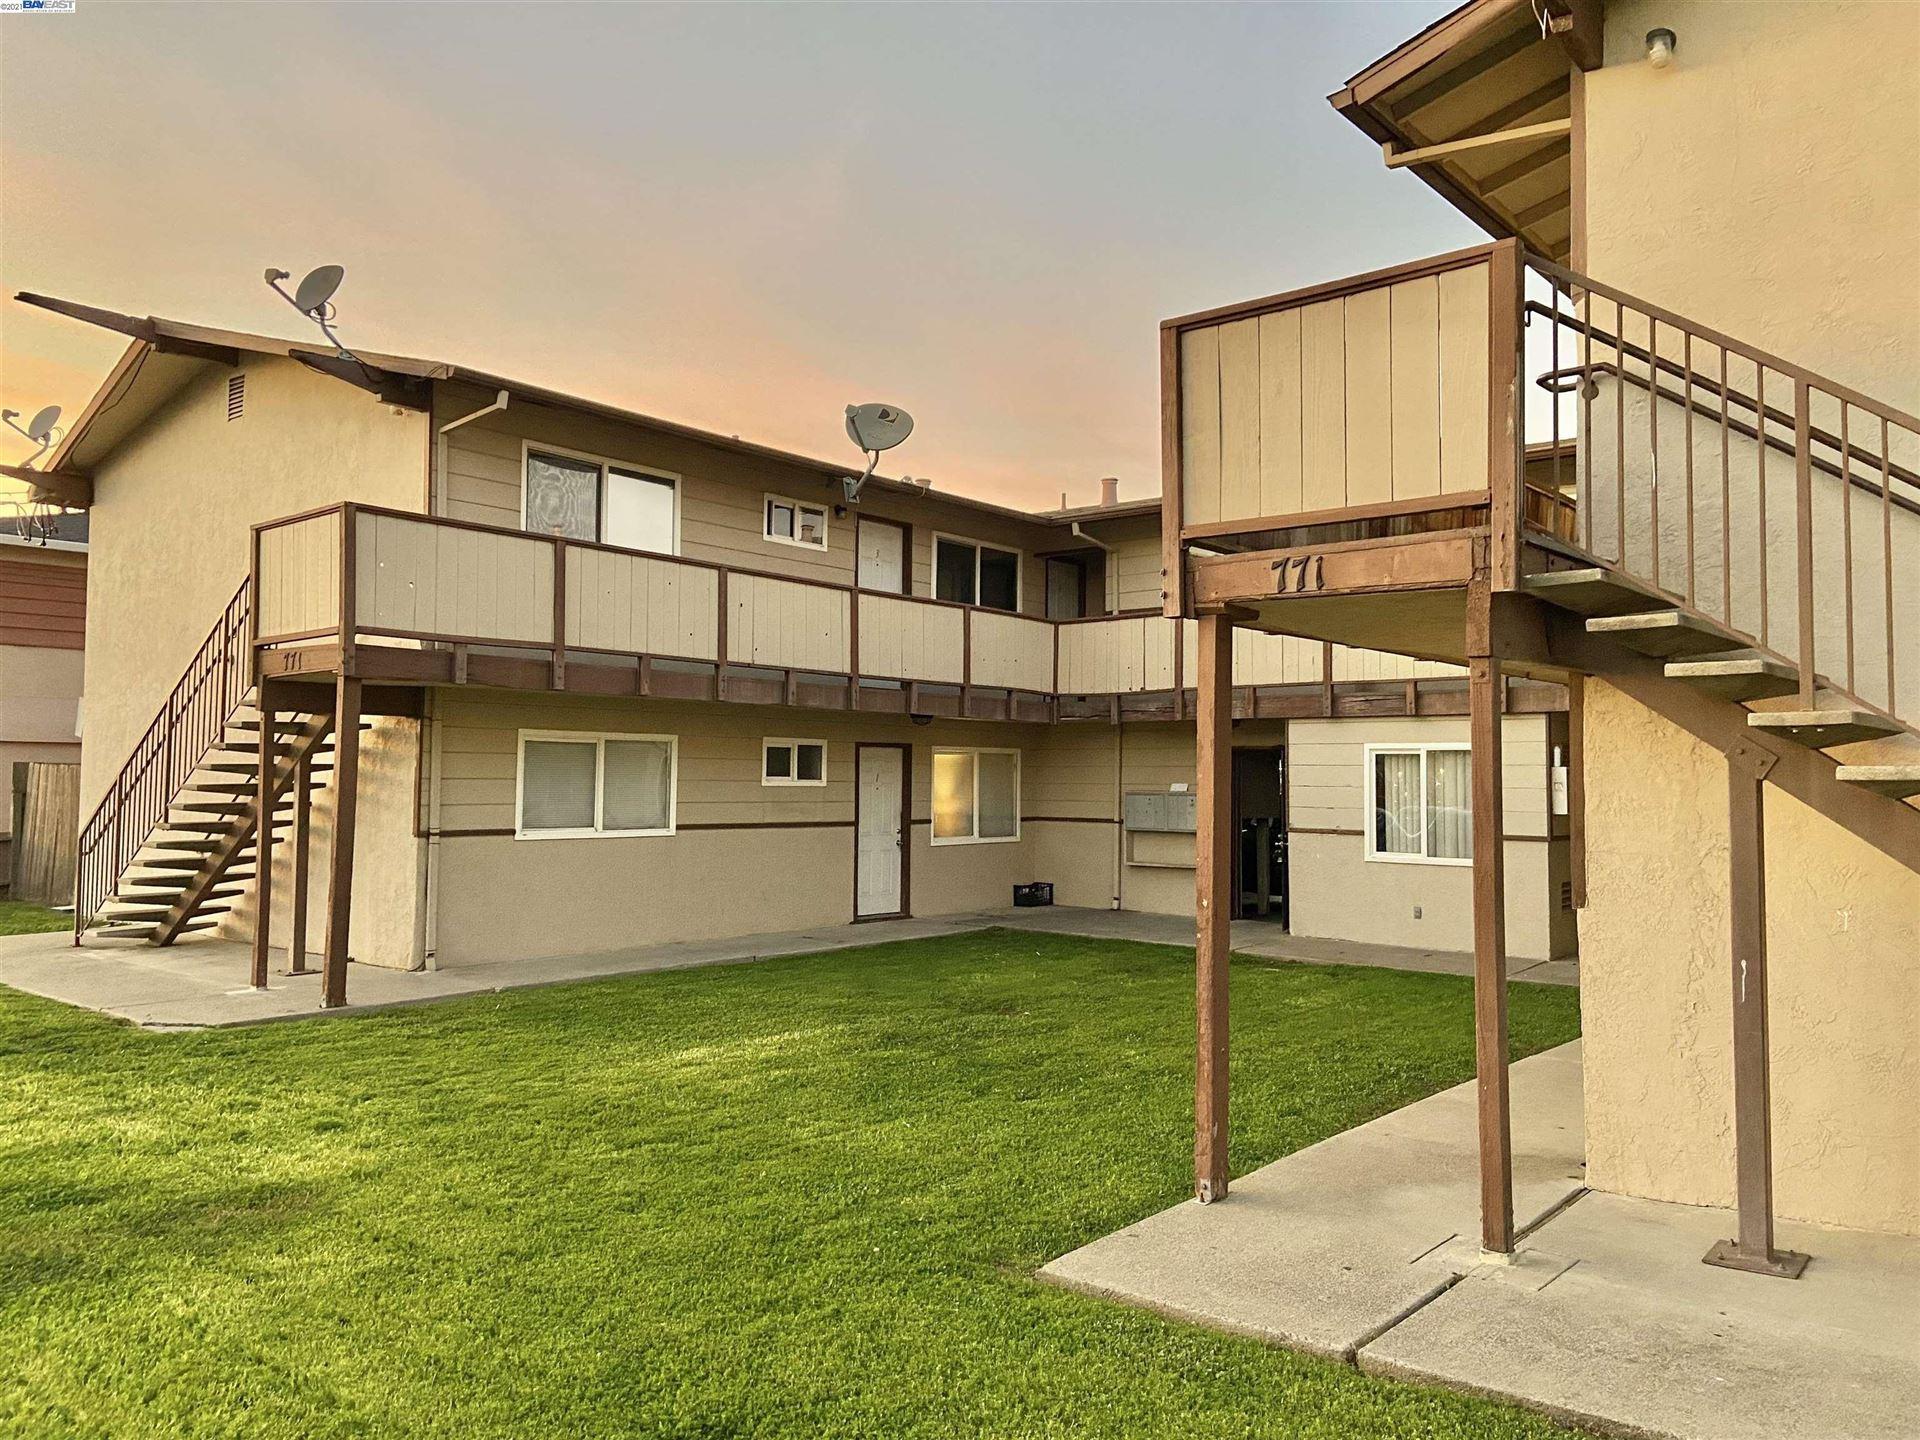 Photo of 771 Memorial, HAYWARD, CA 94541 (MLS # 40966266)